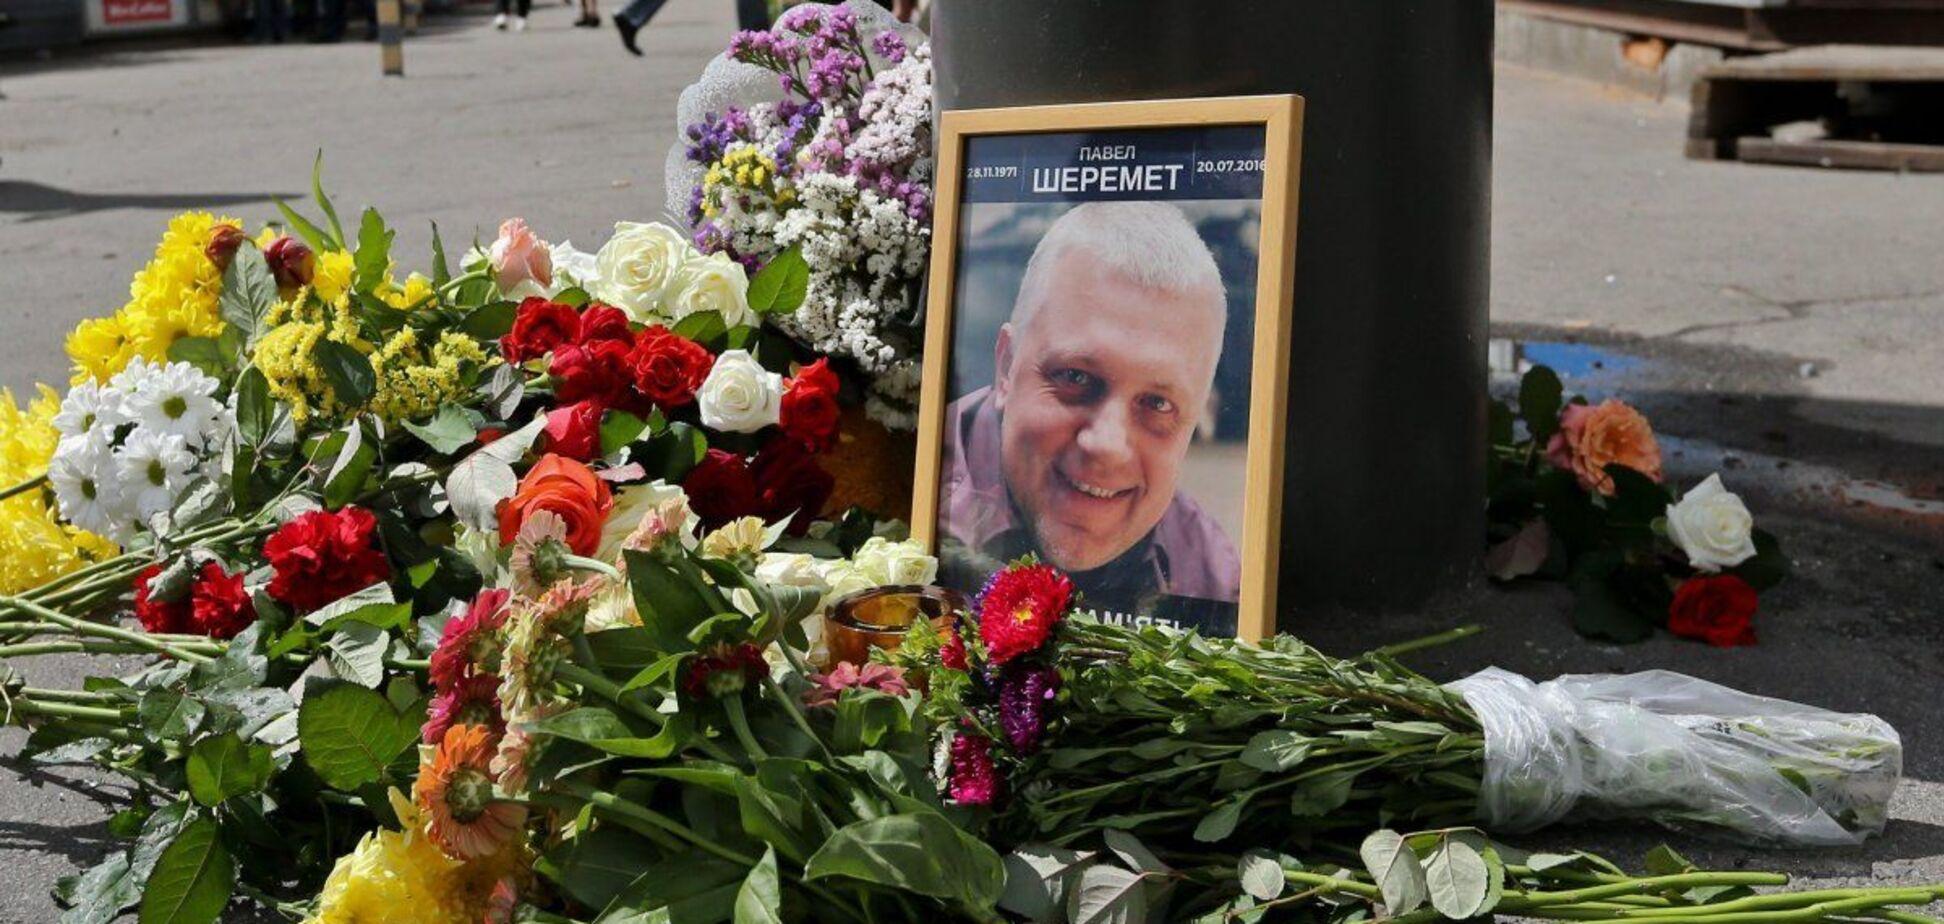 По словам сестры, Шеремета убили 'не простые смертные'